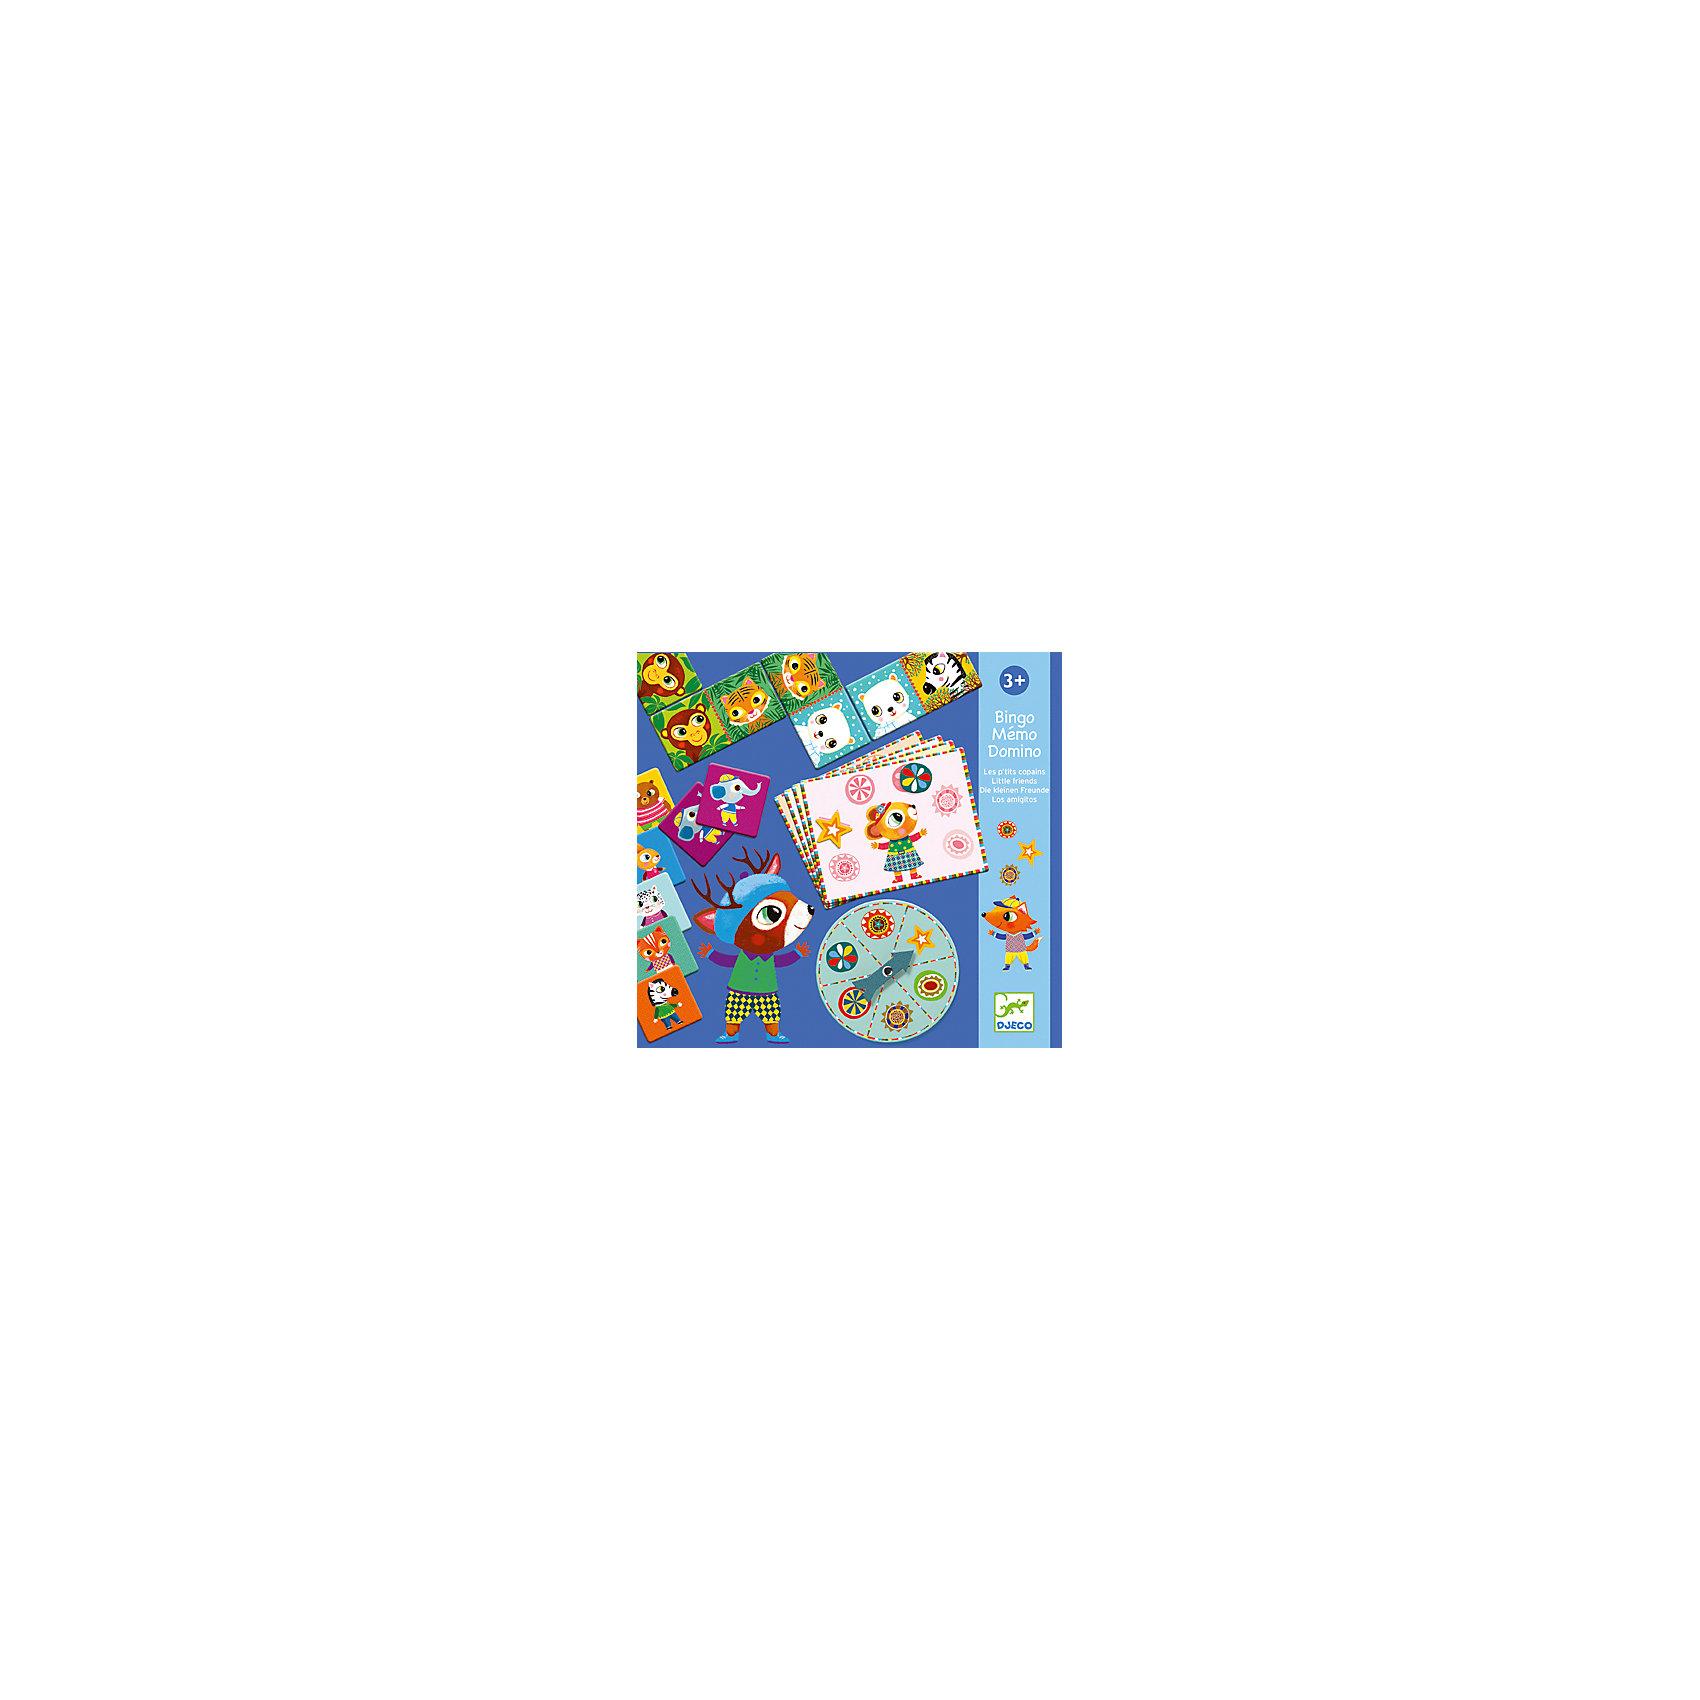 Набор из 3-ех настольных игр, DJECOРазвивающие игры<br>Набор из трех настольных игр, Djeco (Джеко), разнообразит досуг Вашего ребенка и будет способствовать развитию логики и наблюдательности. В комплекте Вы найдете детали и карточки для трех настольных игр: домино, бинго и мемо. В классическом детском домино малышу предлагается подобрать карточку с соответствующим изображением животного. С одной стороны карточки изображено классическое домино, с другой картинка с животным. В игре Бинго участники по очереди крутят стрелку на колесе, выбирают выпавшую фишку и находят ее изображение на карточке. Игра Мемо - превосходная игра на тренировку логики и памяти. Набор способствует развитию логического мышления, сообразительности и внимательности.<br><br>Дополнительная информация:<br><br>- В комплекте: 28 деталей домино, 29 деталей бинго, 32 карточки мемо.<br>- Материал: многослойный картон.<br>- Размер упаковки: 30 х 28 х 3,5 см.<br><br>Набор из 3-х настольных игр, Djeco (Джеко), можно купить в нашем интернет-магазине.<br><br>Ширина мм: 220<br>Глубина мм: 280<br>Высота мм: 10<br>Вес г: 510<br>Возраст от месяцев: 48<br>Возраст до месяцев: 96<br>Пол: Унисекс<br>Возраст: Детский<br>SKU: 4215036